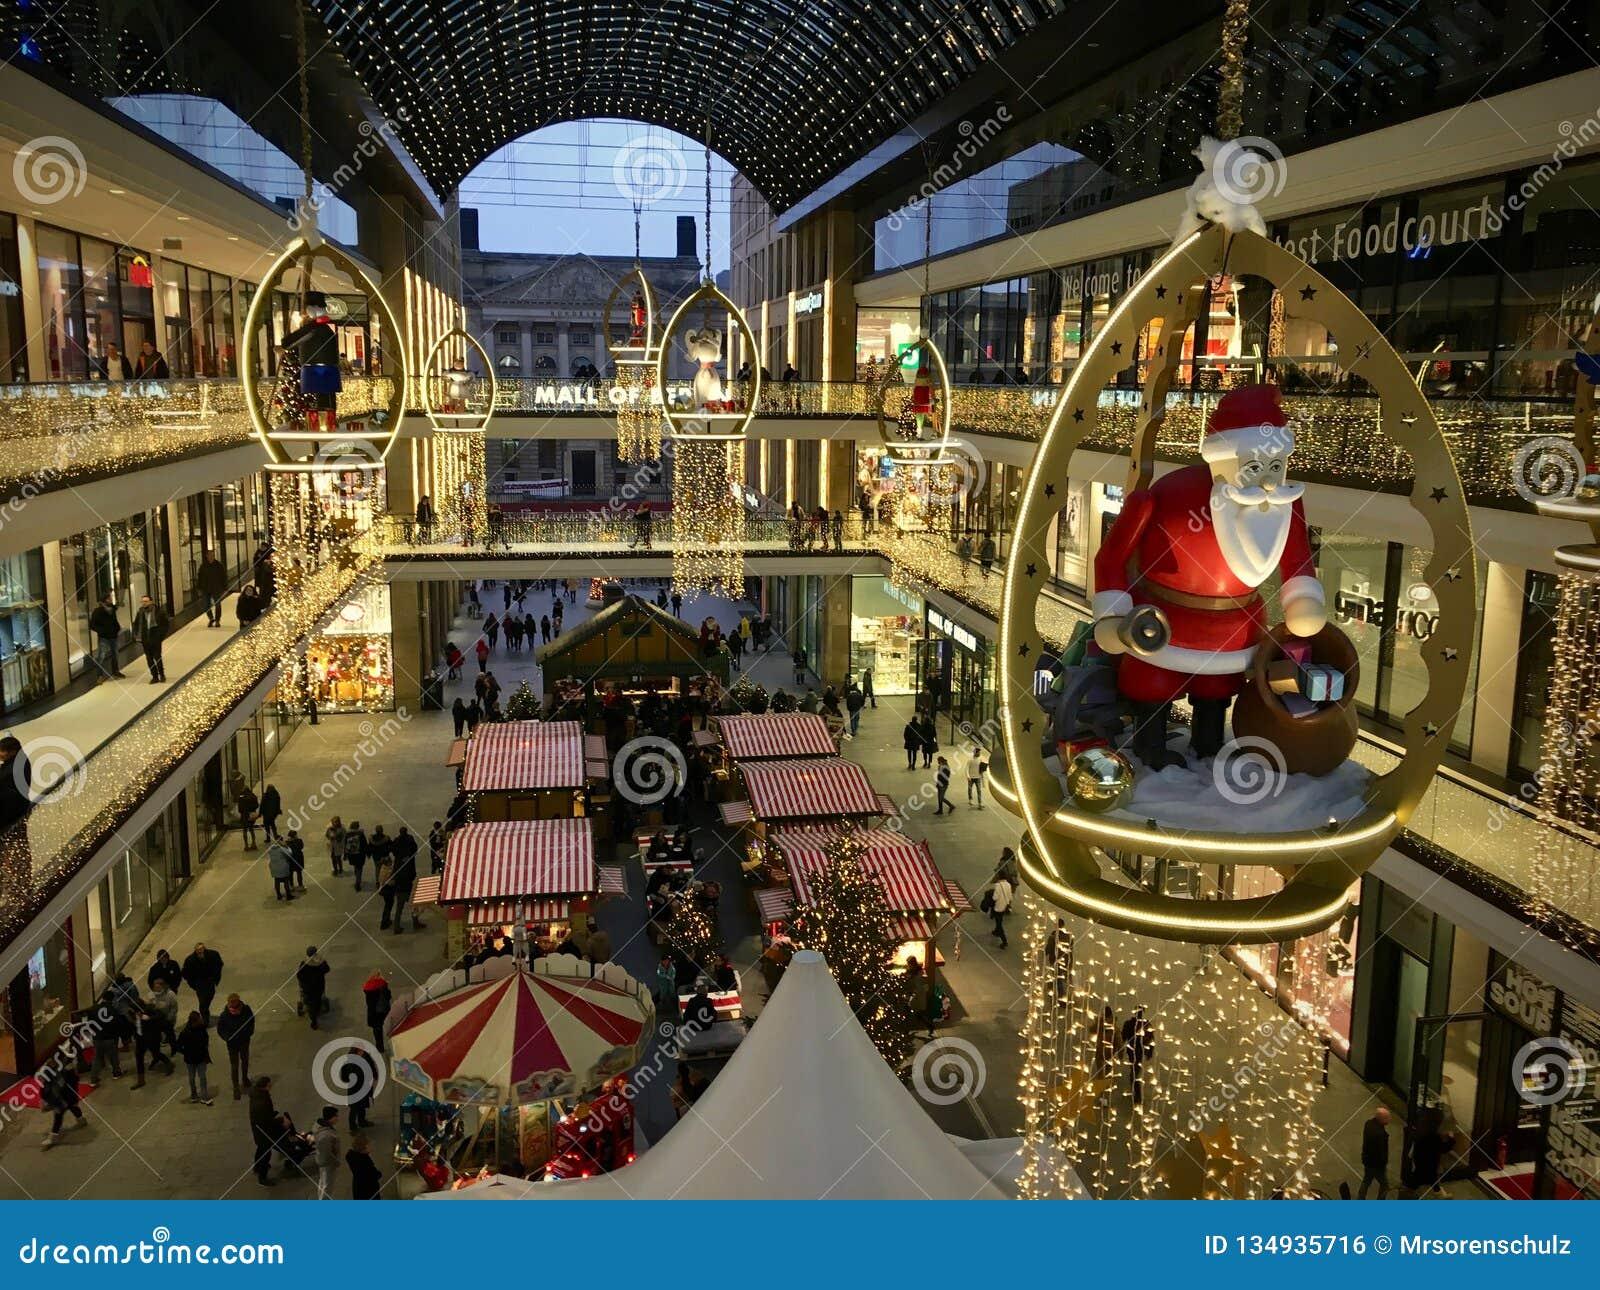 Gallerian av Berlin dekorerade för jul med en stora träSanta Claus, upptaget med många shoppare